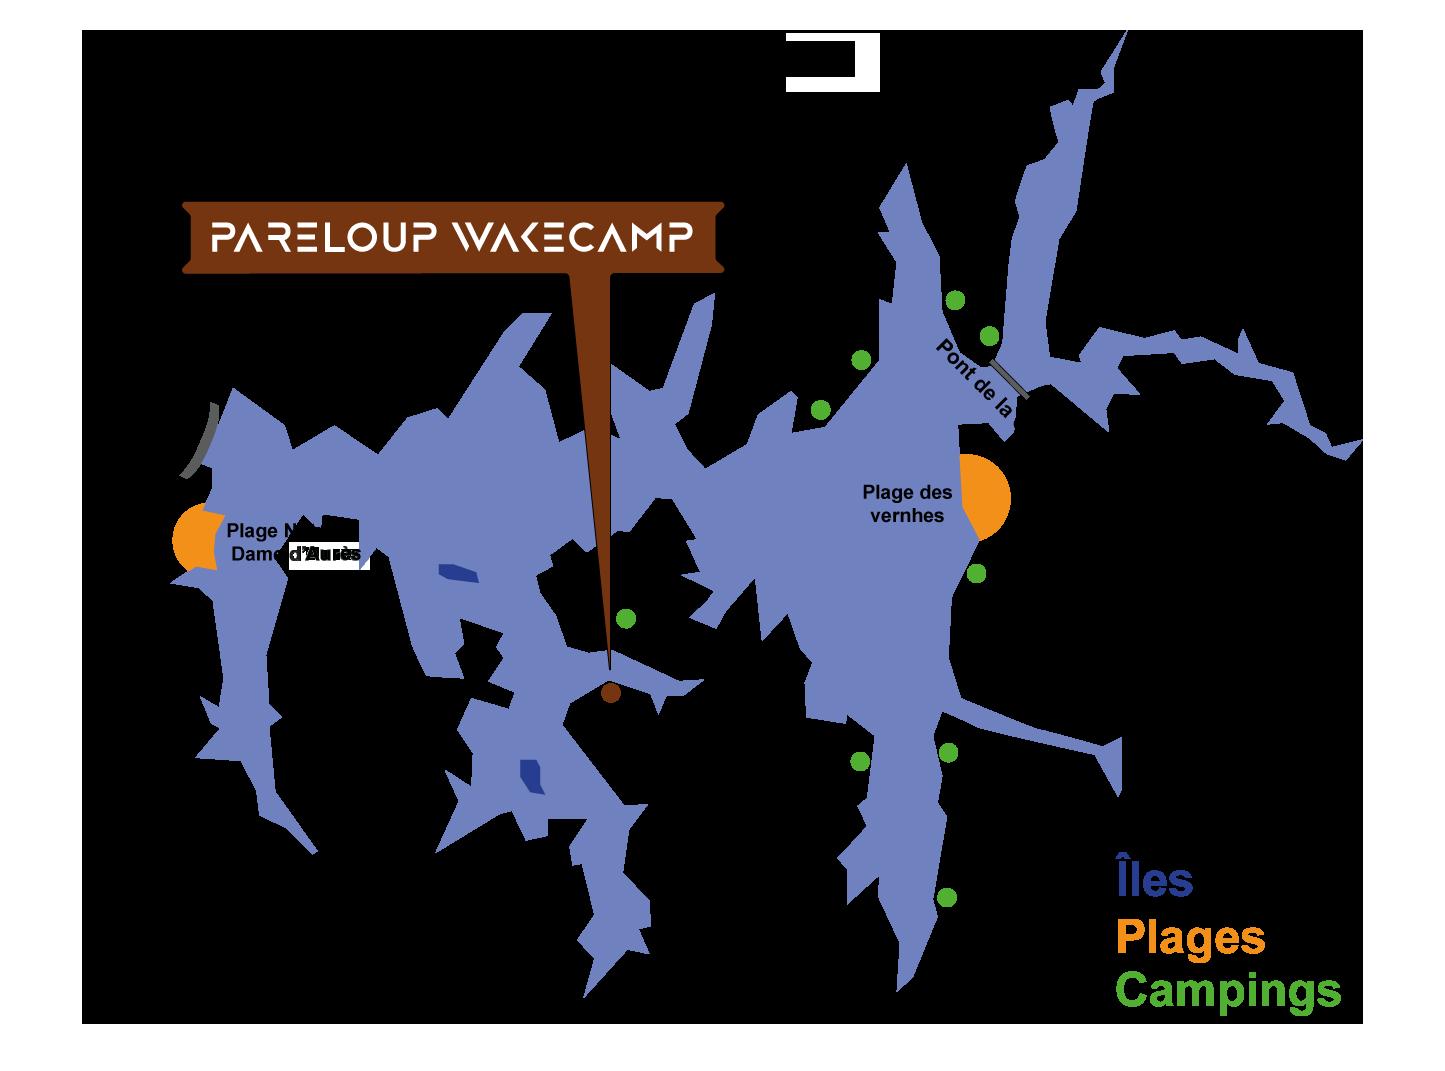 Map_Flyer_v3-1445x1071-activité-nautique-pareloup-wakecamp